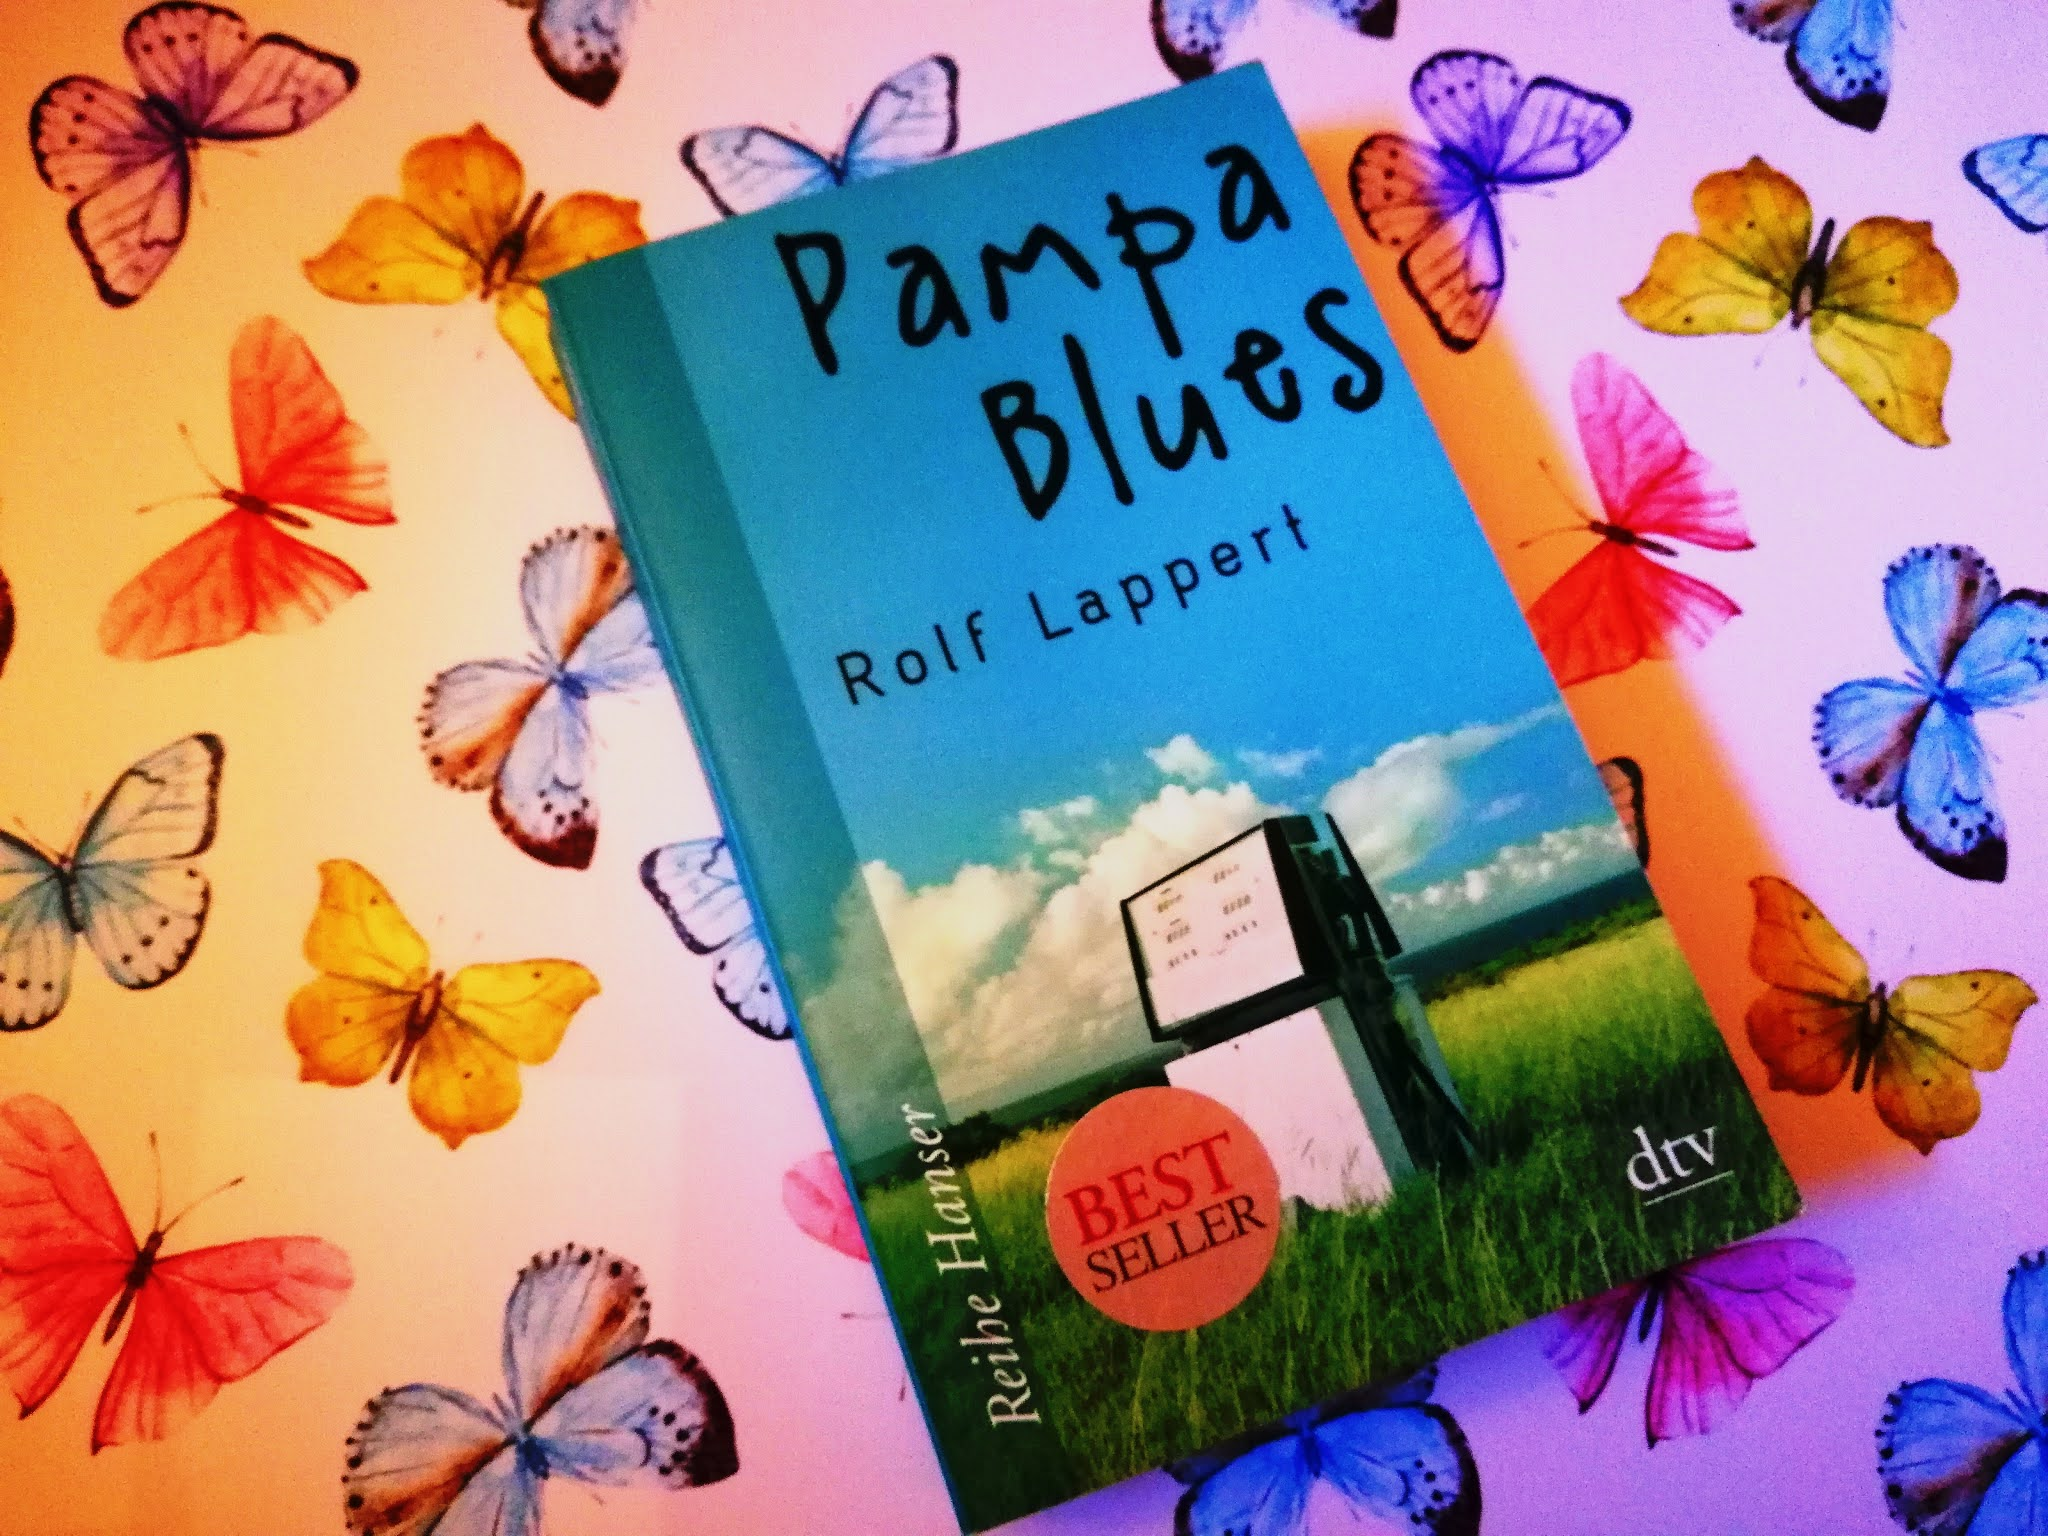 Pampa Blues - Kitap Tavsiyesi